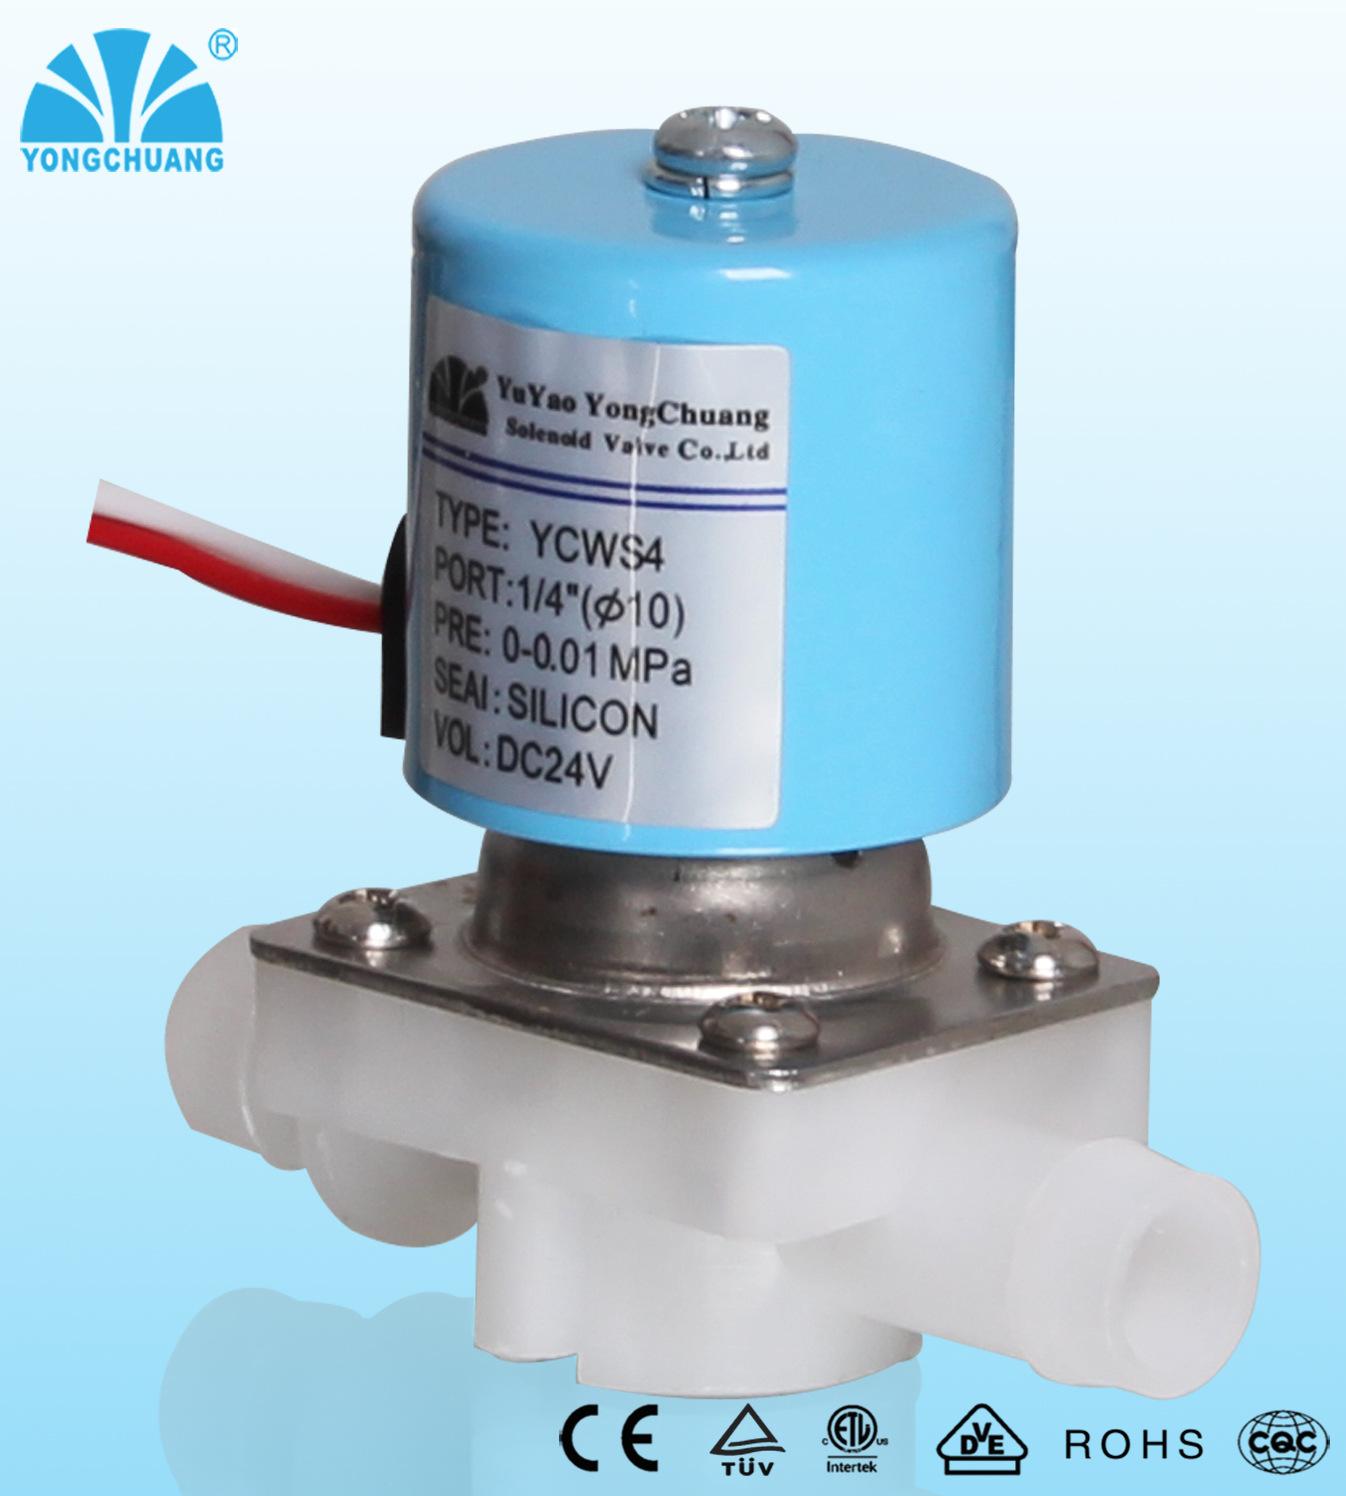 ycws4塑料进水阀 隔膜式 电磁阀厂家批发 纯水机专用图片